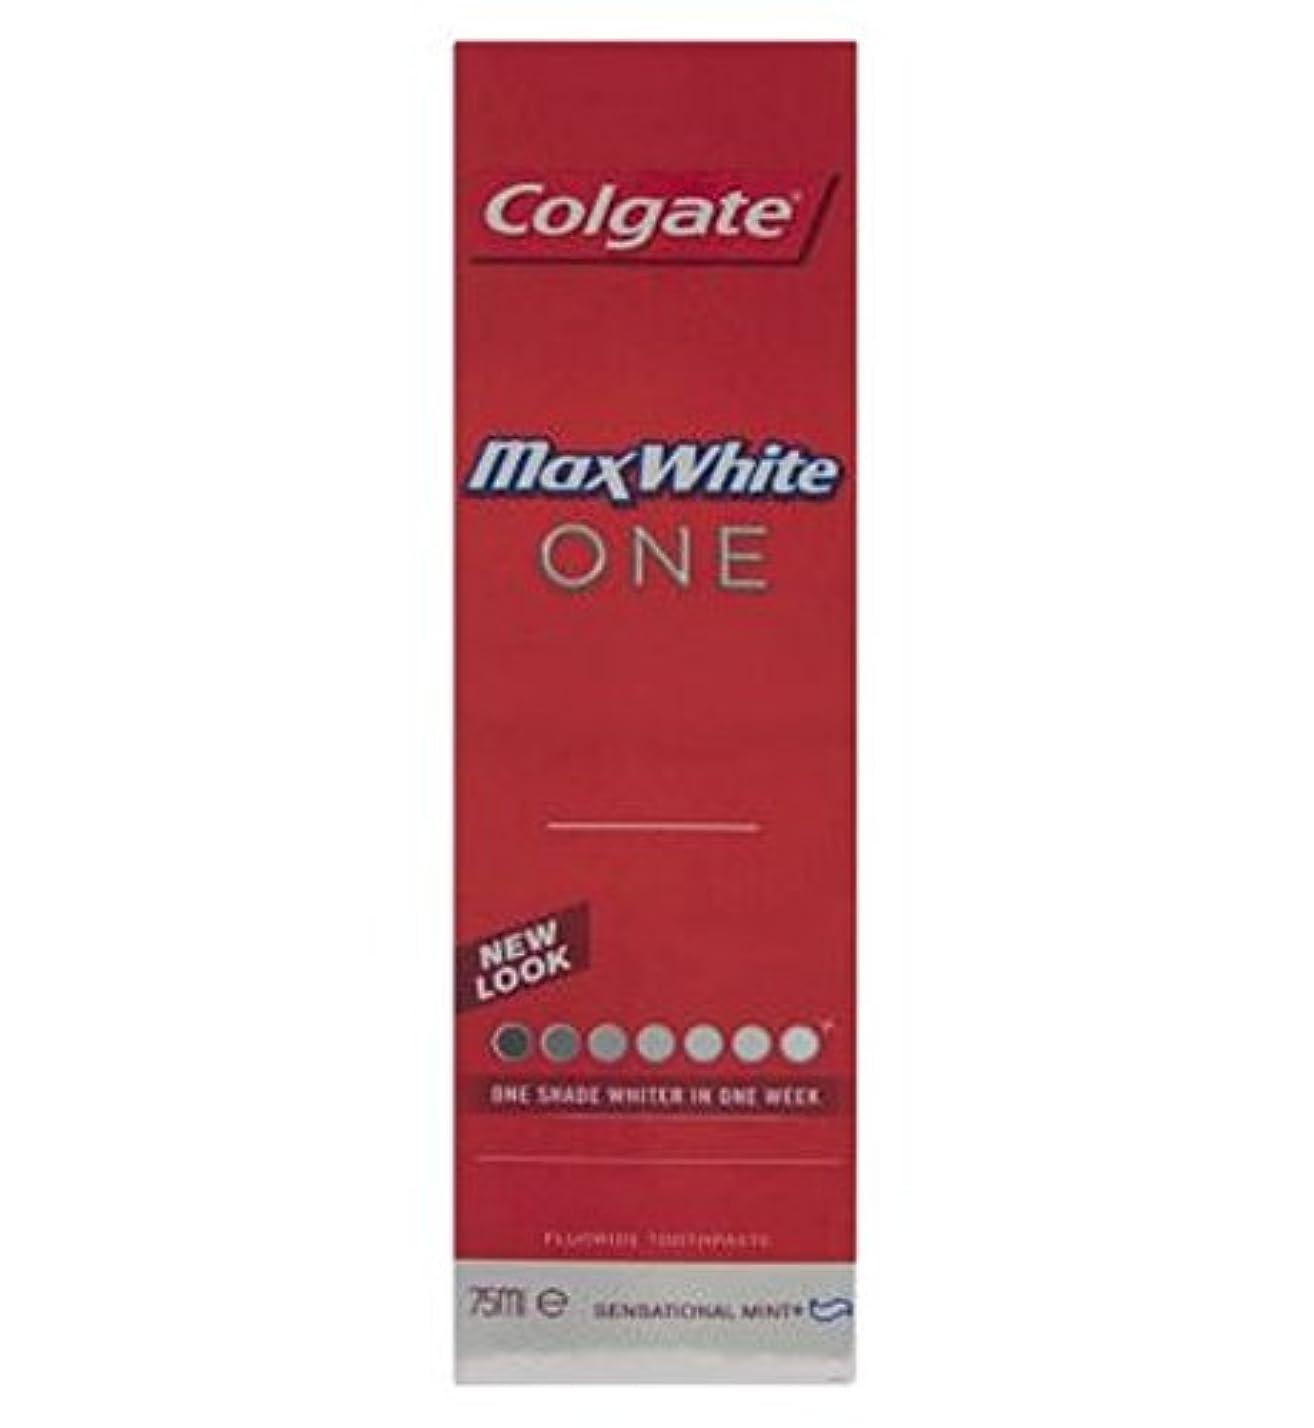 キャンドル換気チーフコルゲートマックスホワイト1新鮮な歯磨き粉75ミリリットル (Colgate) (x2) - Colgate Max White One Fresh toothpaste 75ml (Pack of 2) [並行輸入品]